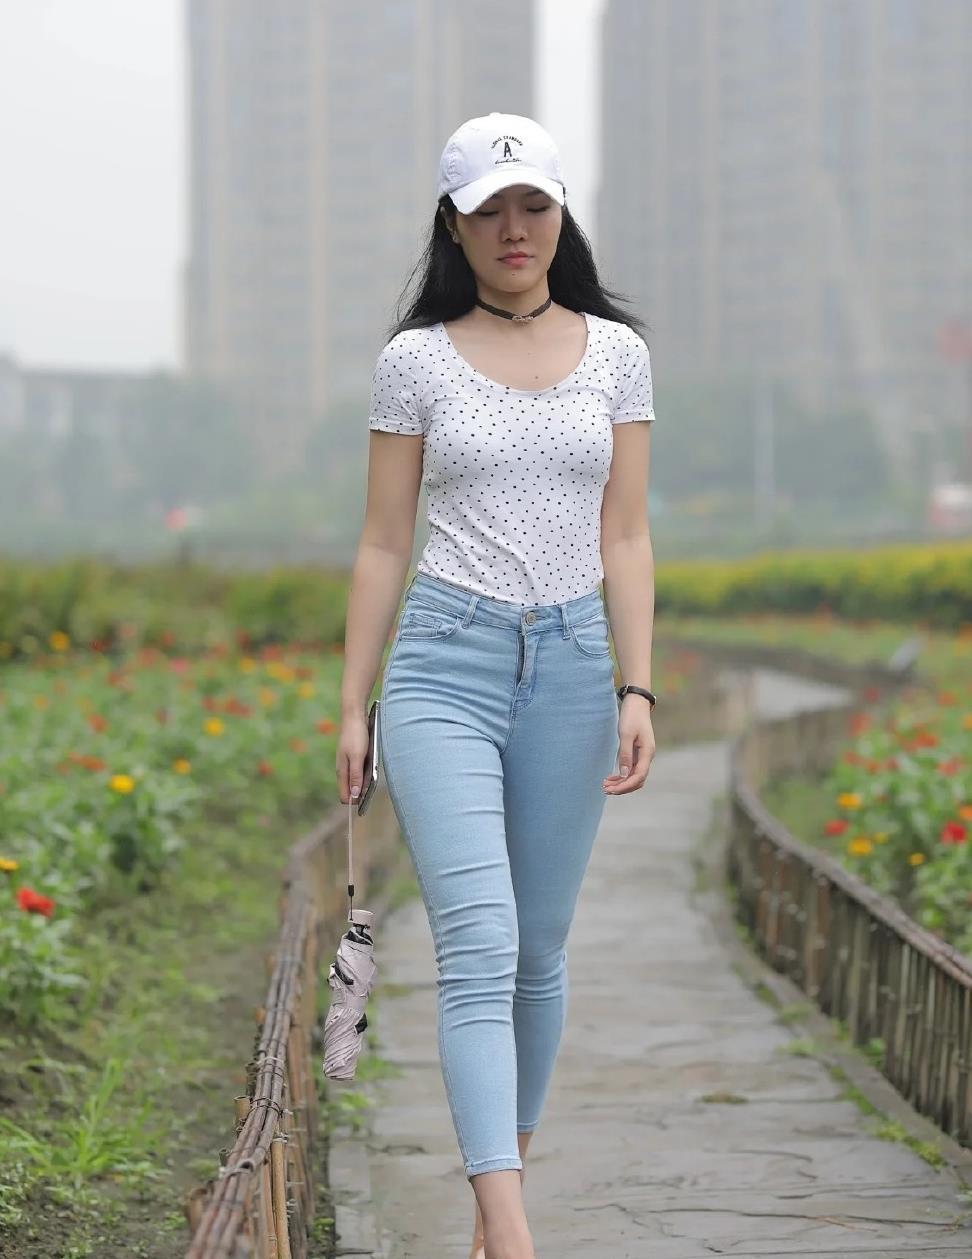 波点T恤配紧身牛仔裤,活力十足,棒球帽造型简单,清新时尚!